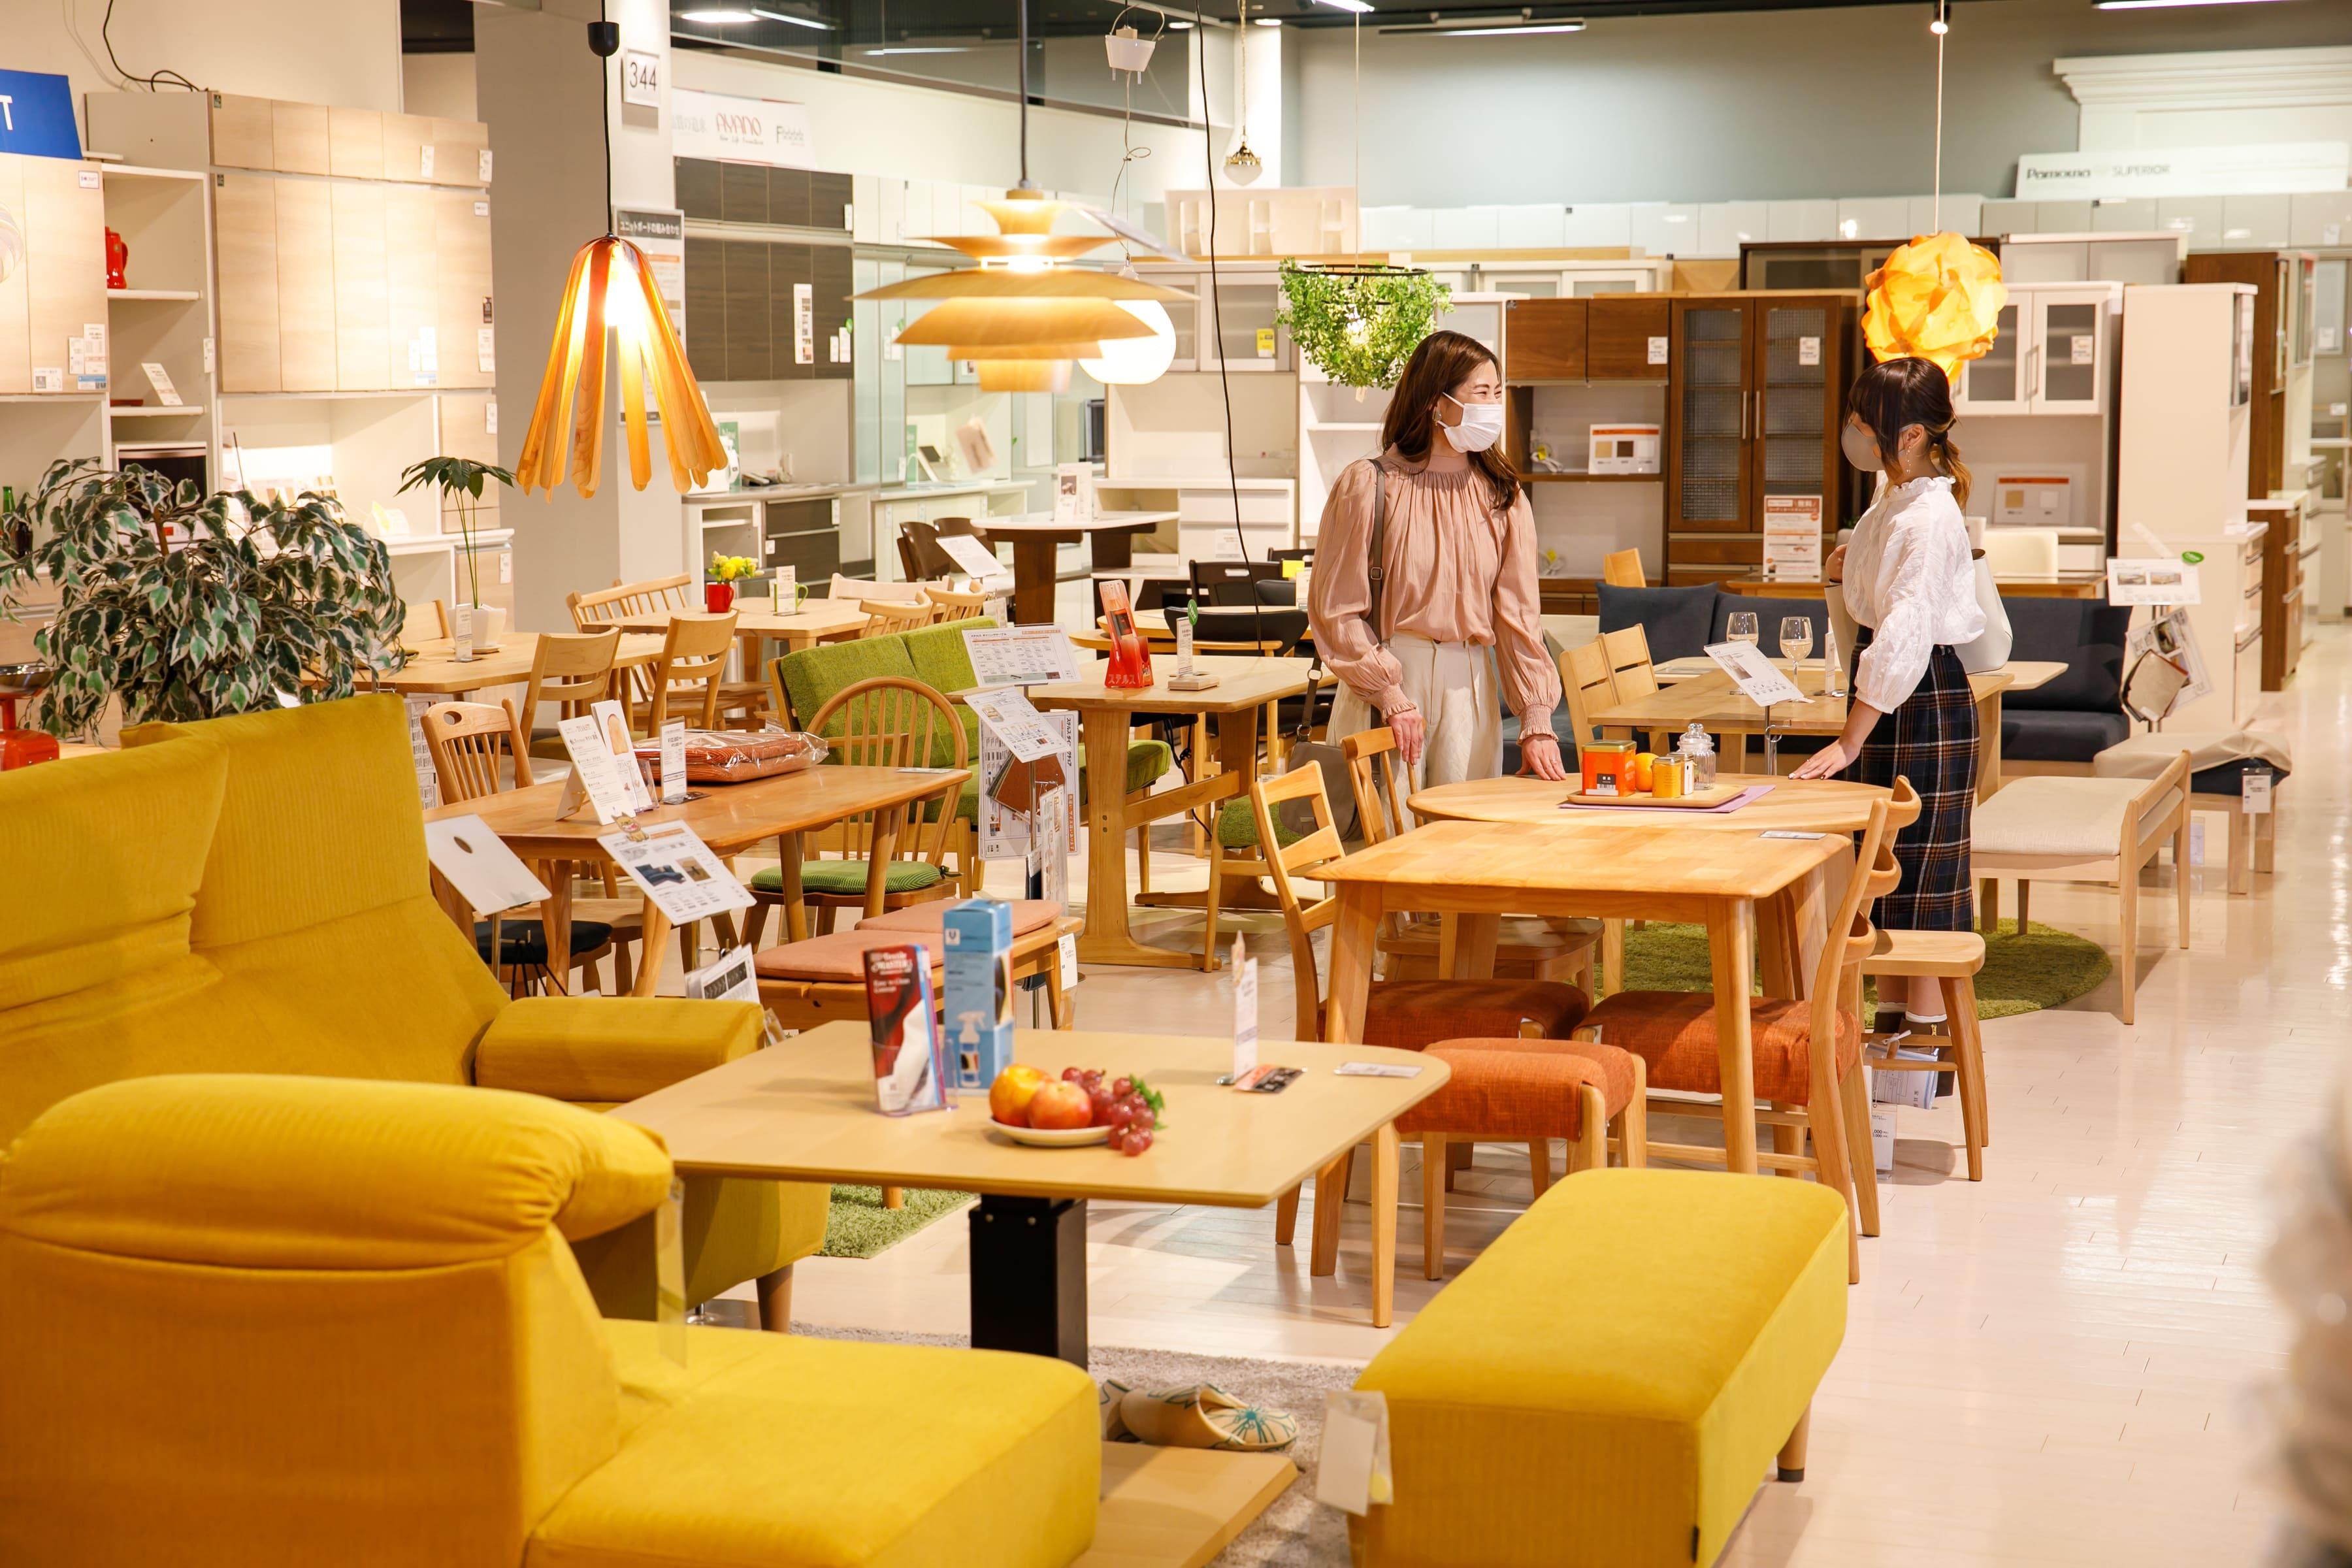 お気に入りの家具や雑貨との出会いに心弾む♪ トレンドを抑えた充実の品ぞろえのファニチャードーム岡崎店を調査!